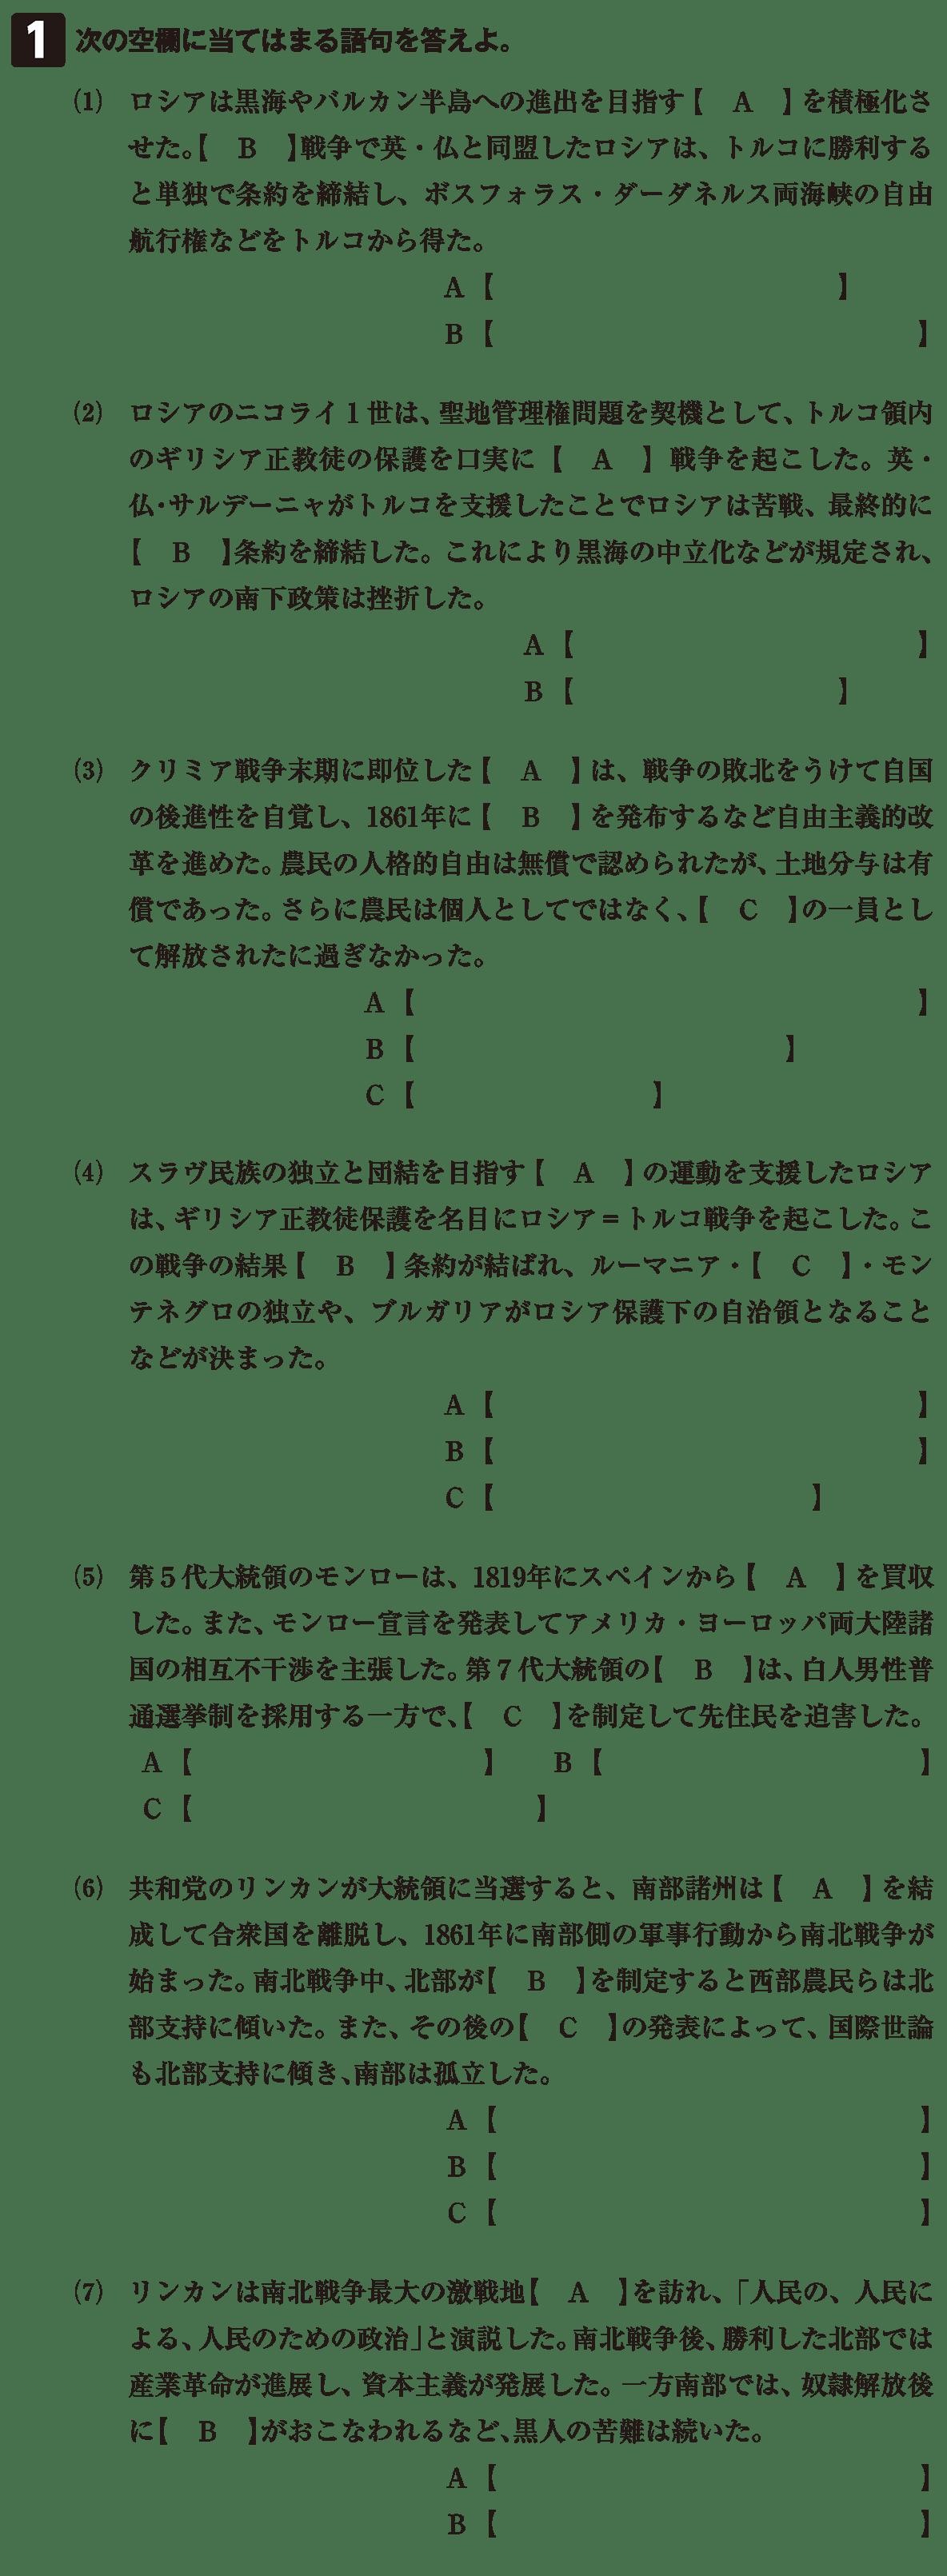 19世紀の欧米諸国(2)露・米6 確認テスト(前半)